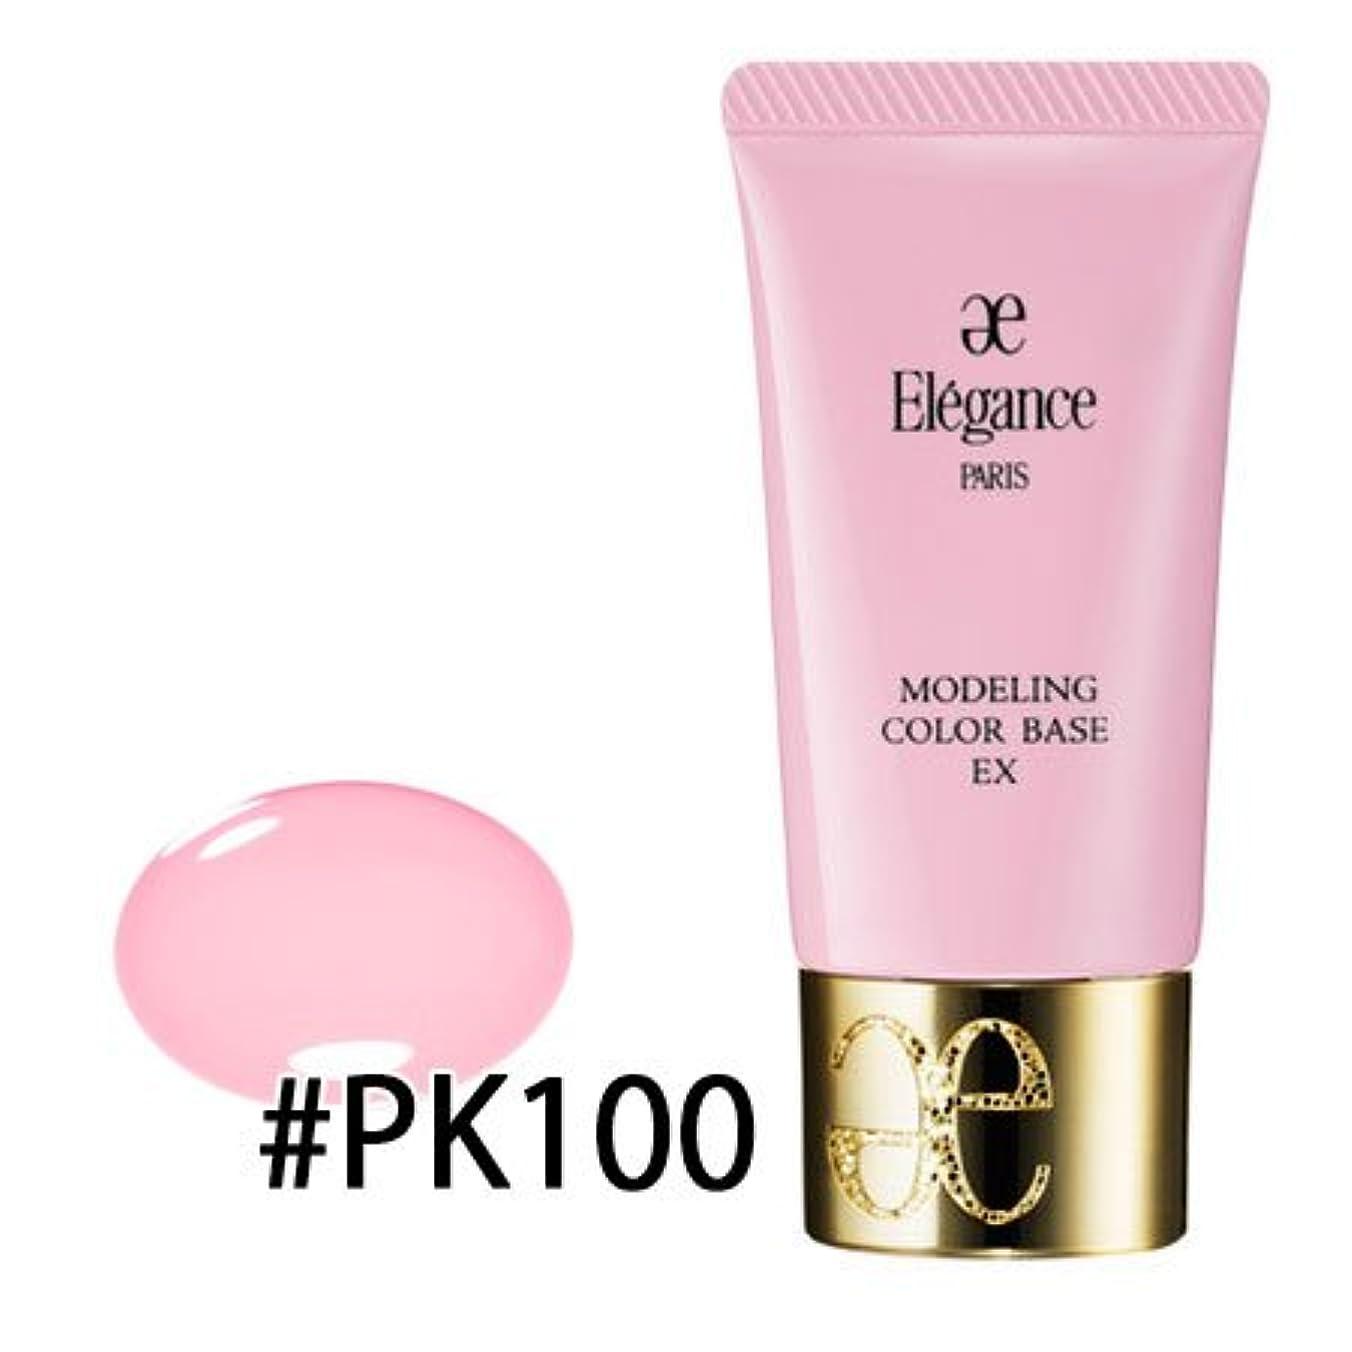 ゴールドジェームズダイソン現在エレガンス モデリング カラーベース EX #PK100